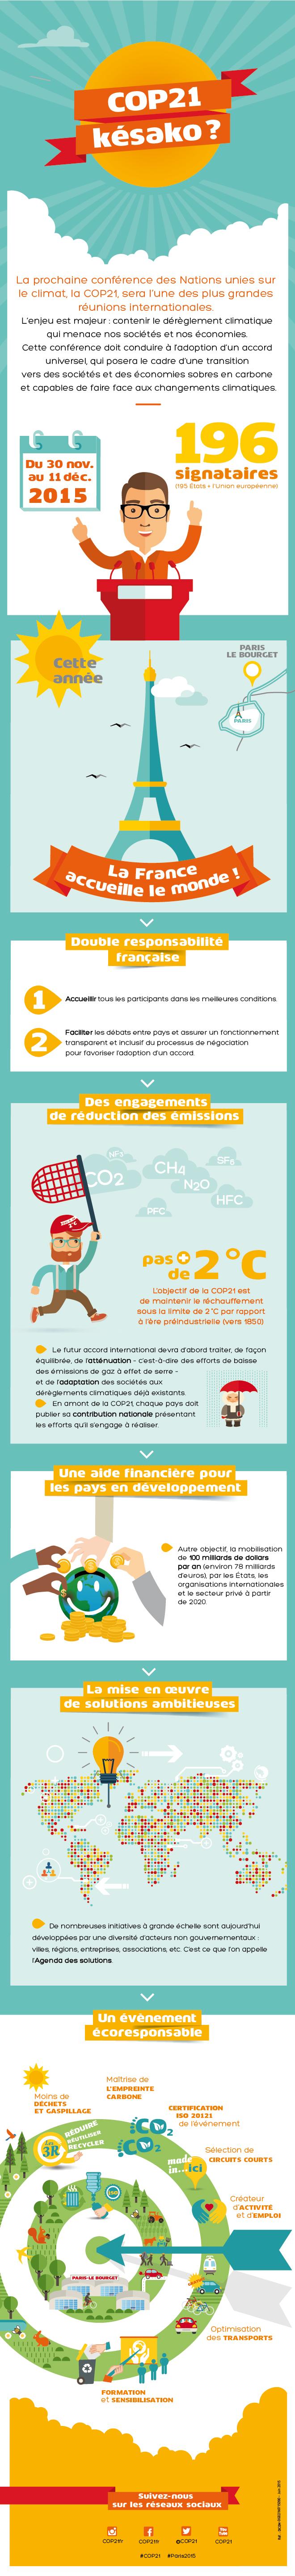 Infographie à retrouver sur cop21.gouv.fr